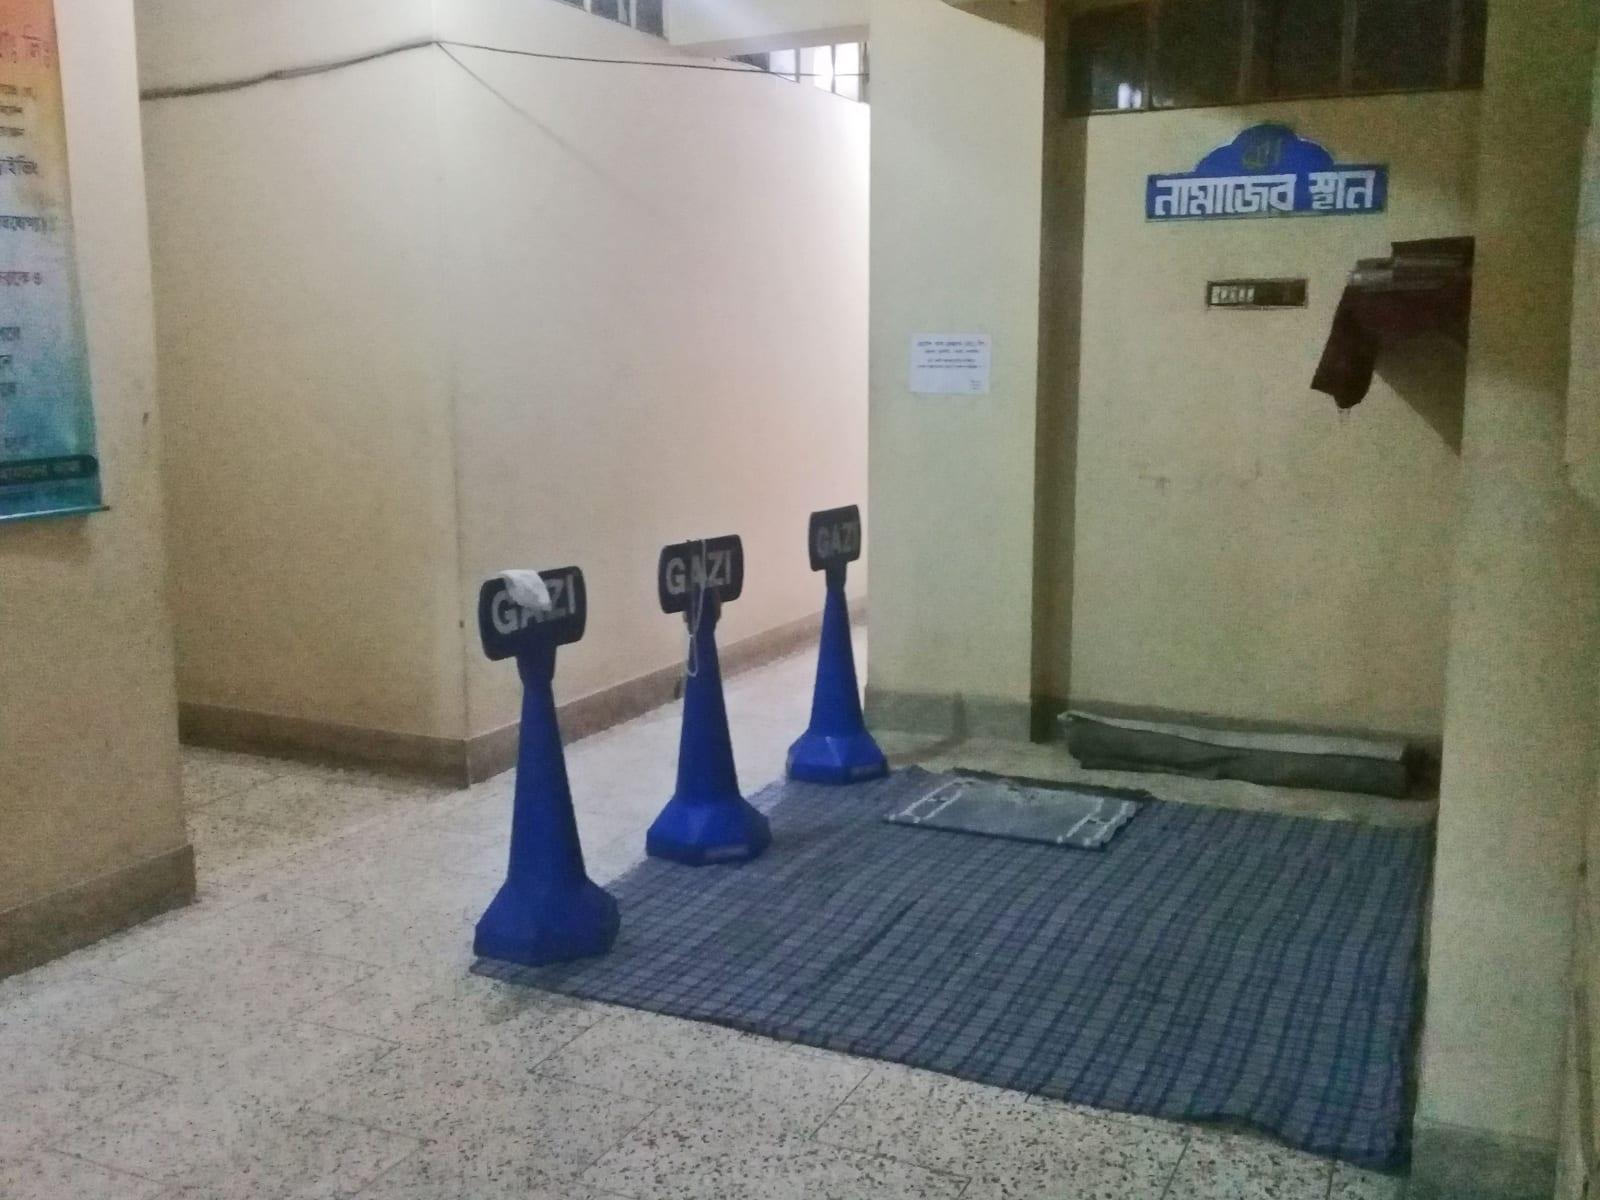 Modlitební koberečky v hotelu, Dháka, Bangladéš